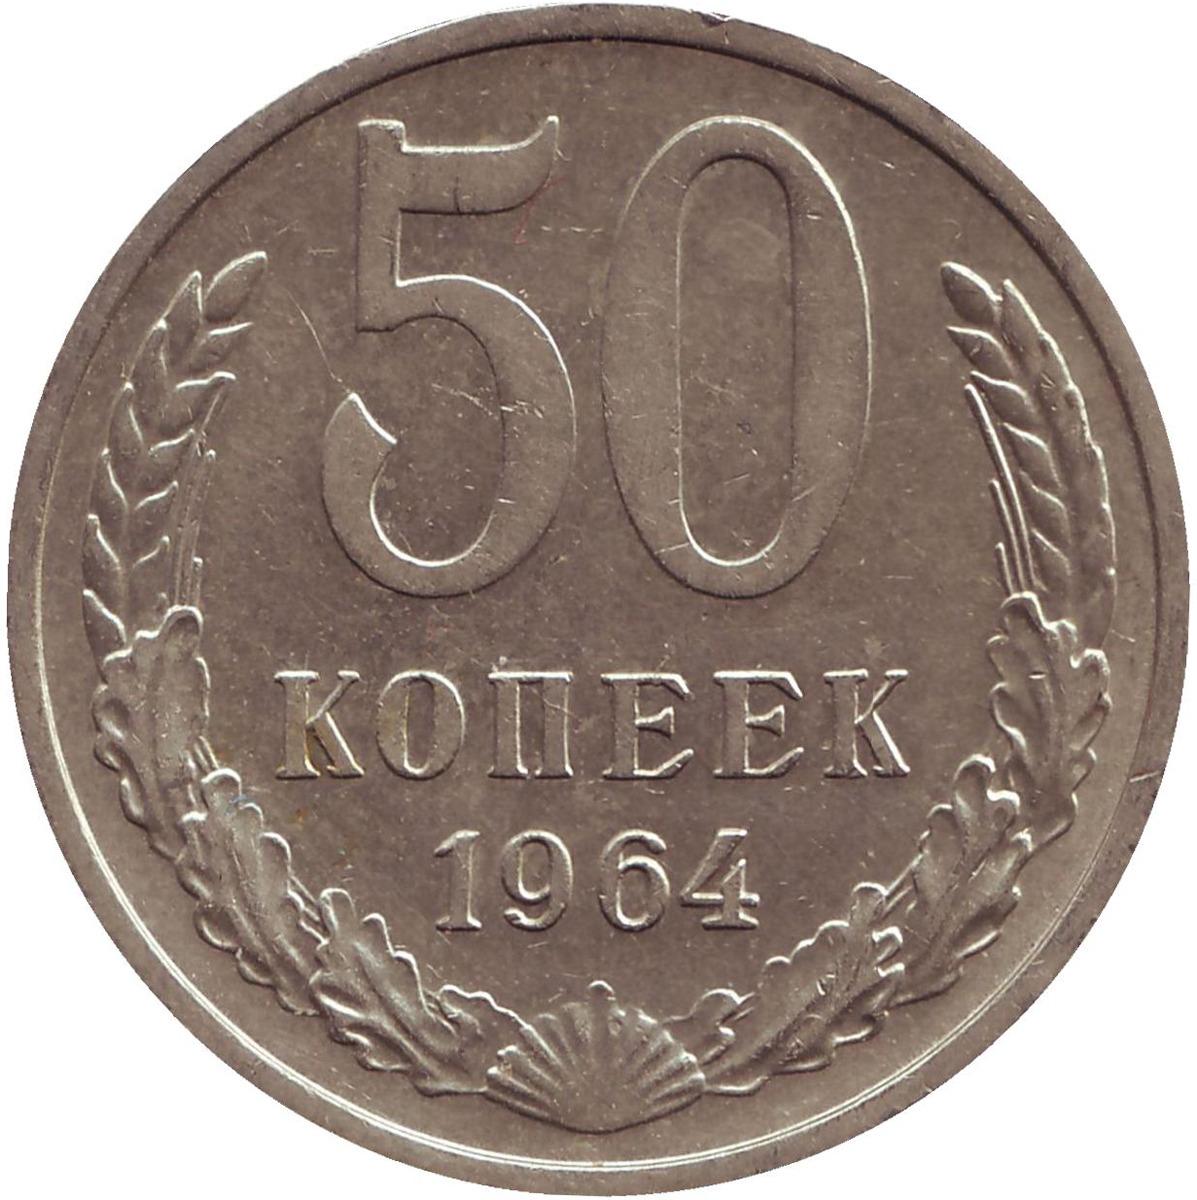 Фото - Монета номиналом 50 копеек. СССР, 1964 год. монета номиналом 15 копеек ссср 1955 год